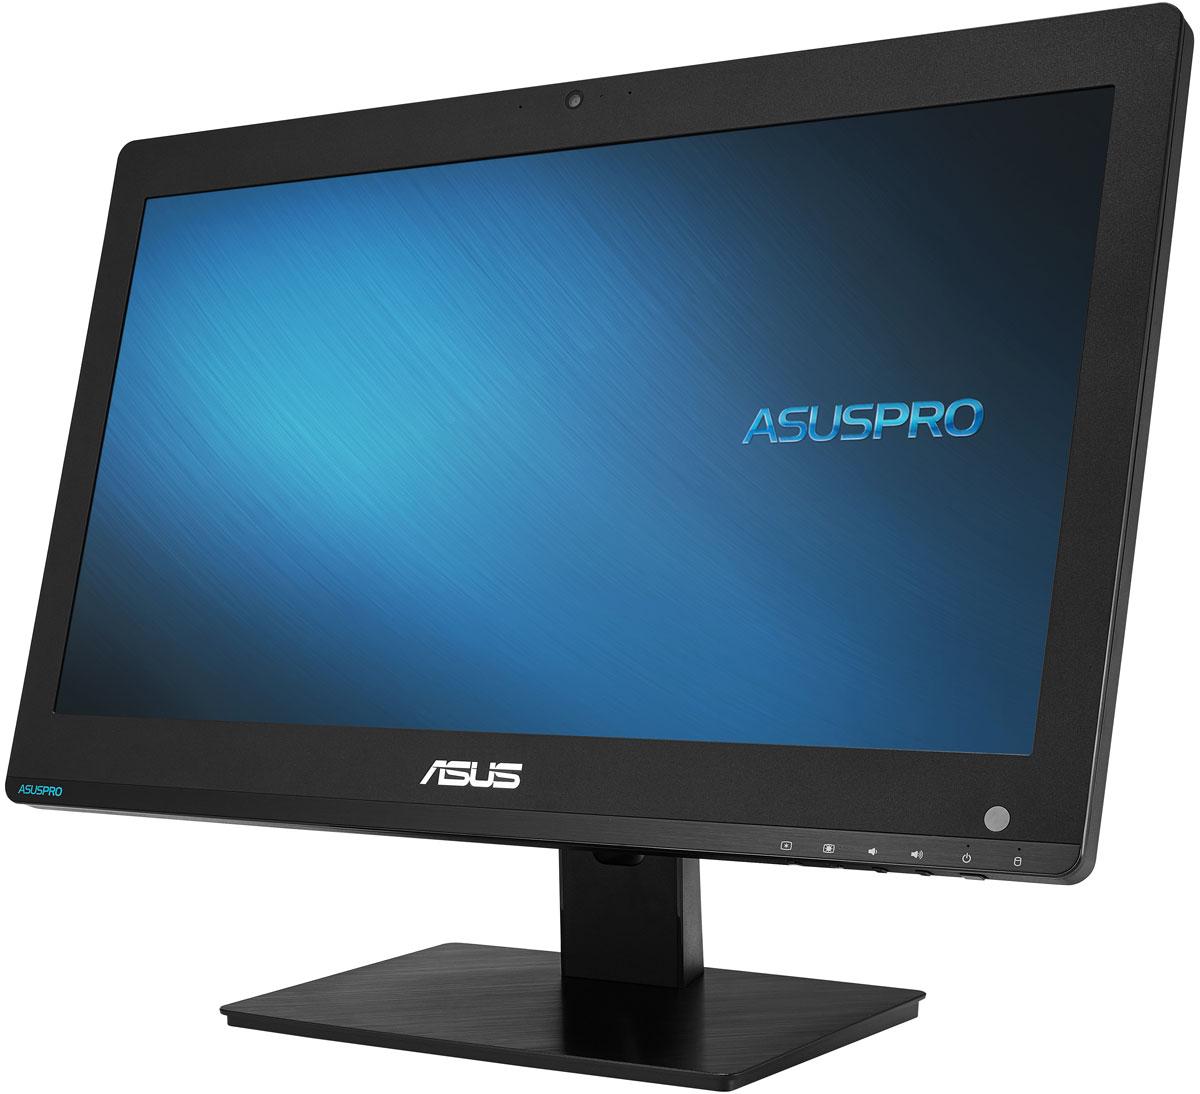 ASUS A6421UTH-BG015D, Black моноблок - Настольные компьютеры и моноблоки